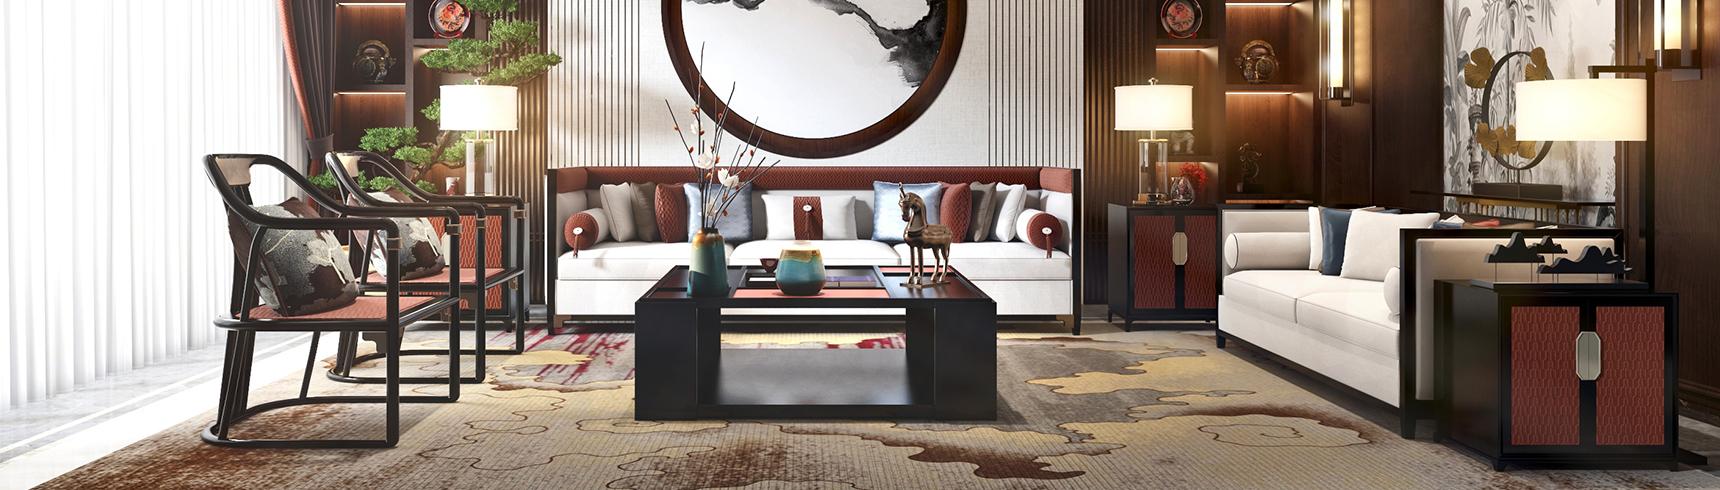 新中式客餐厅 沙发茶几组背景墙合3D模型下载